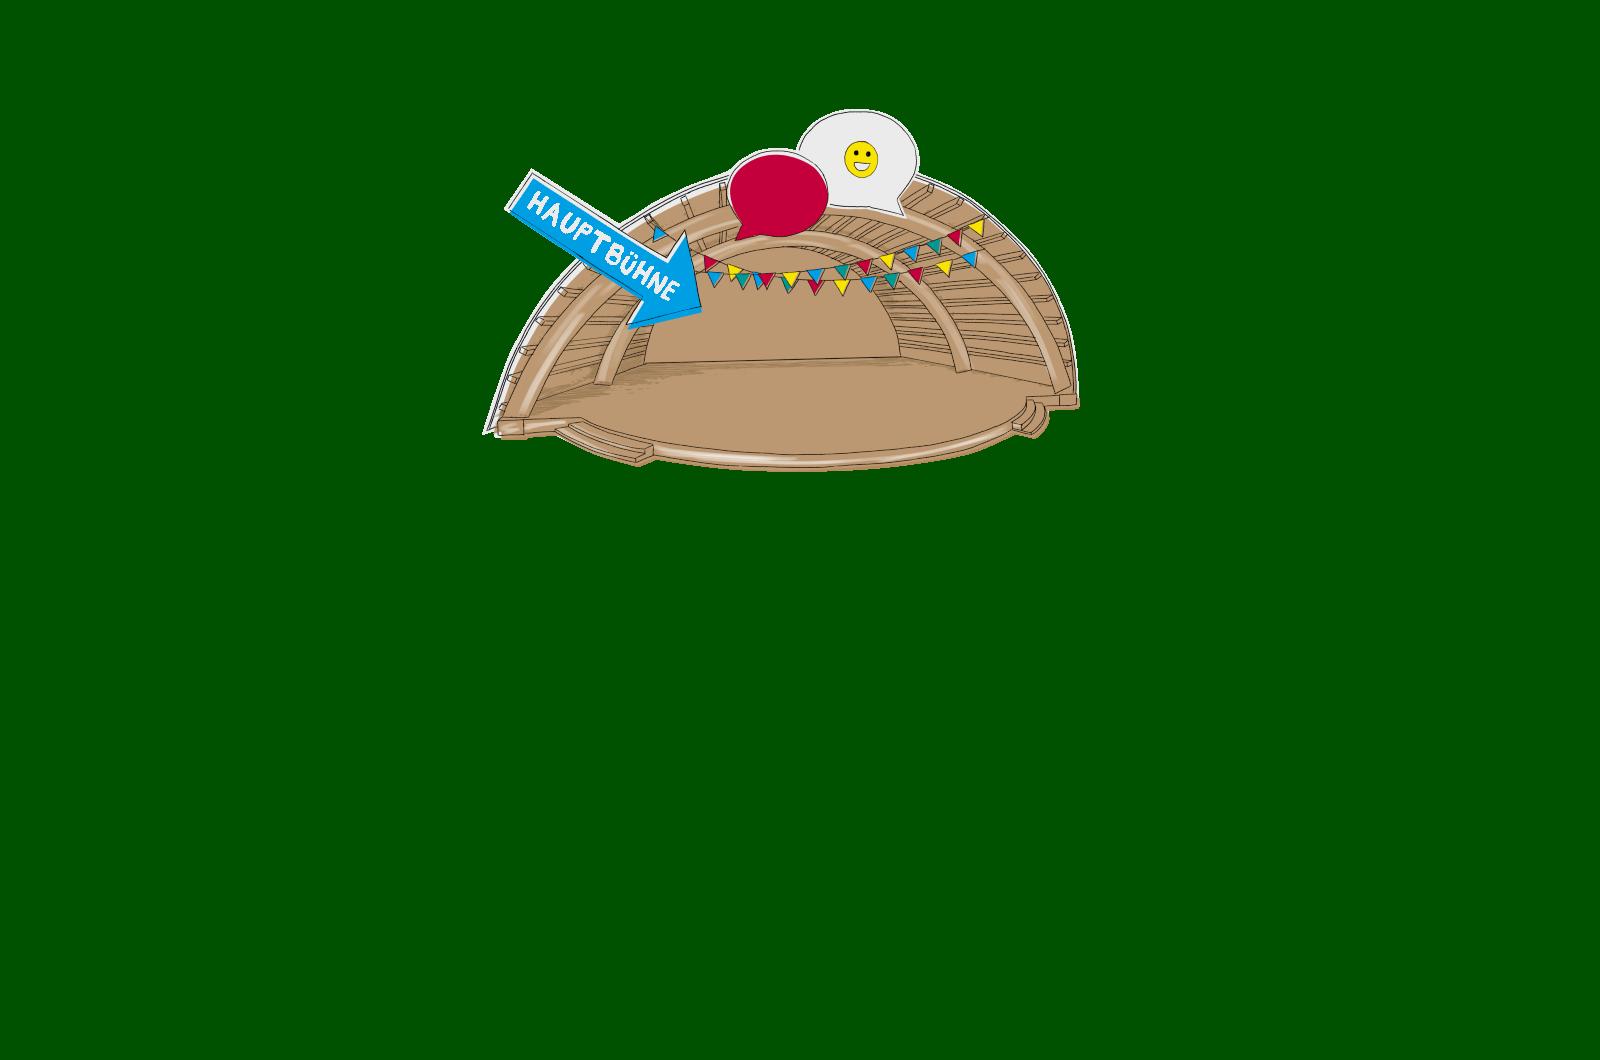 hauptbuehne